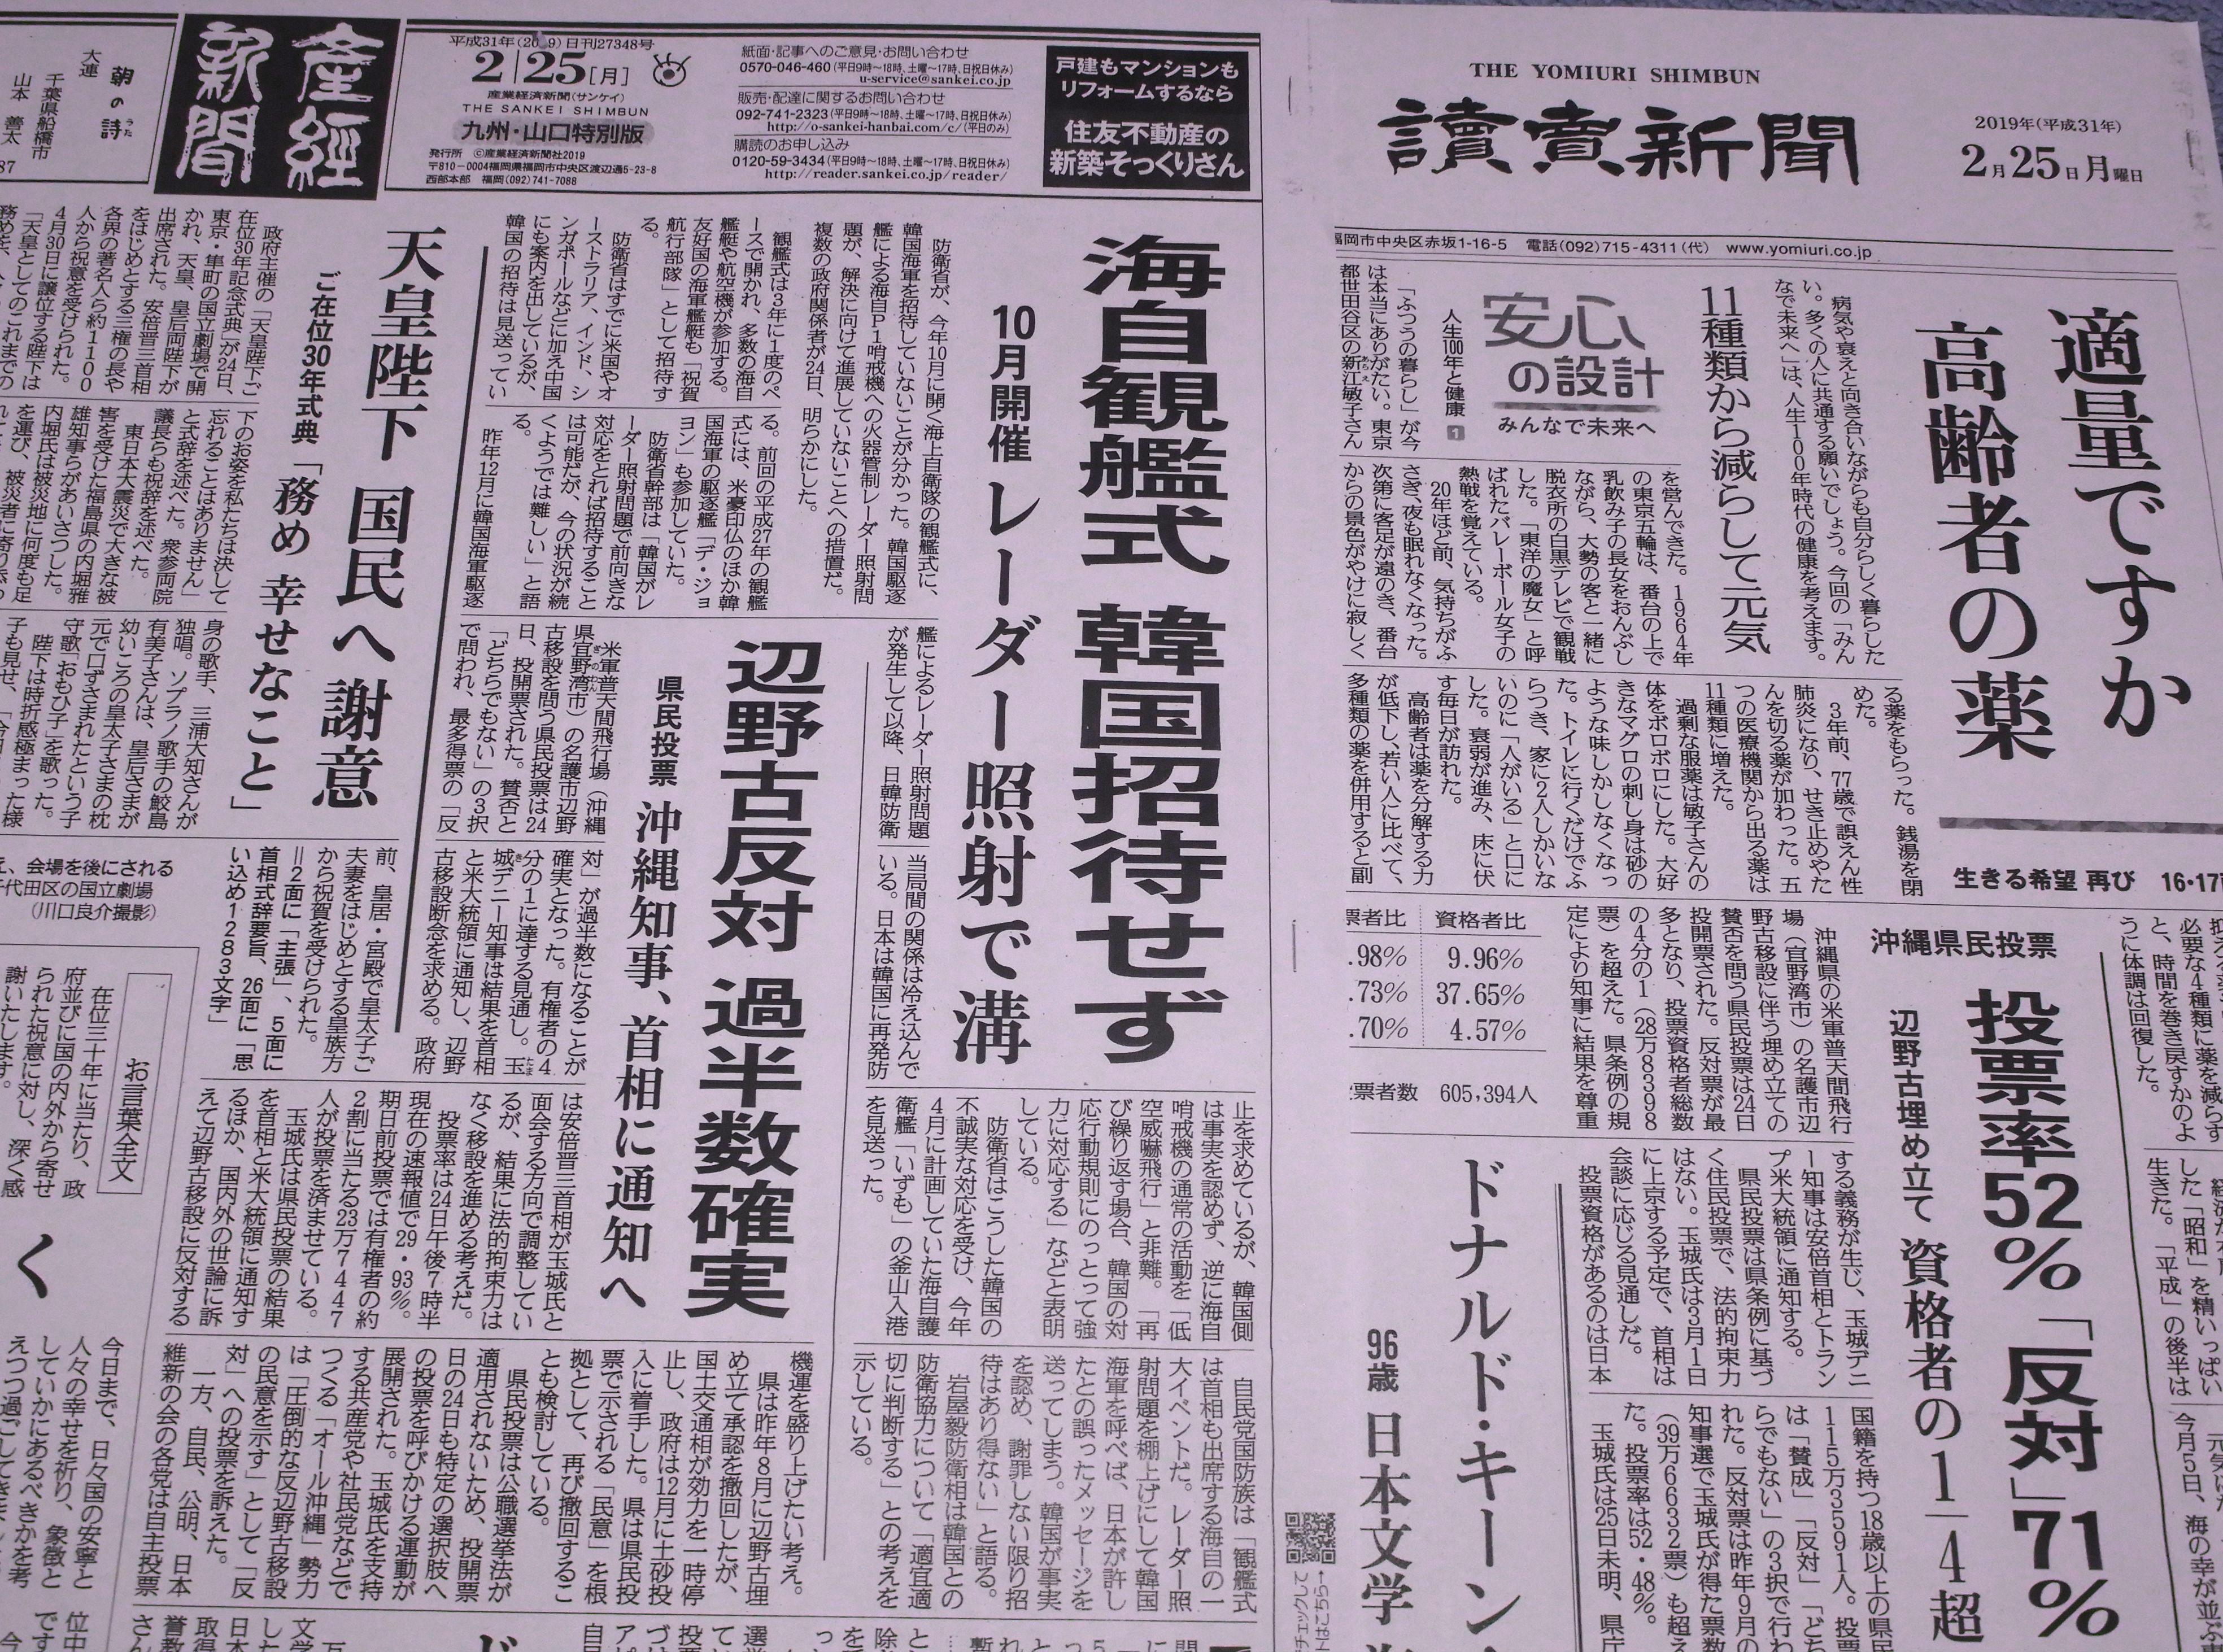 http://hunter-investigate.jp/news/4483bbd84c19ceb213a6b10879b90d044e462d0d.JPG